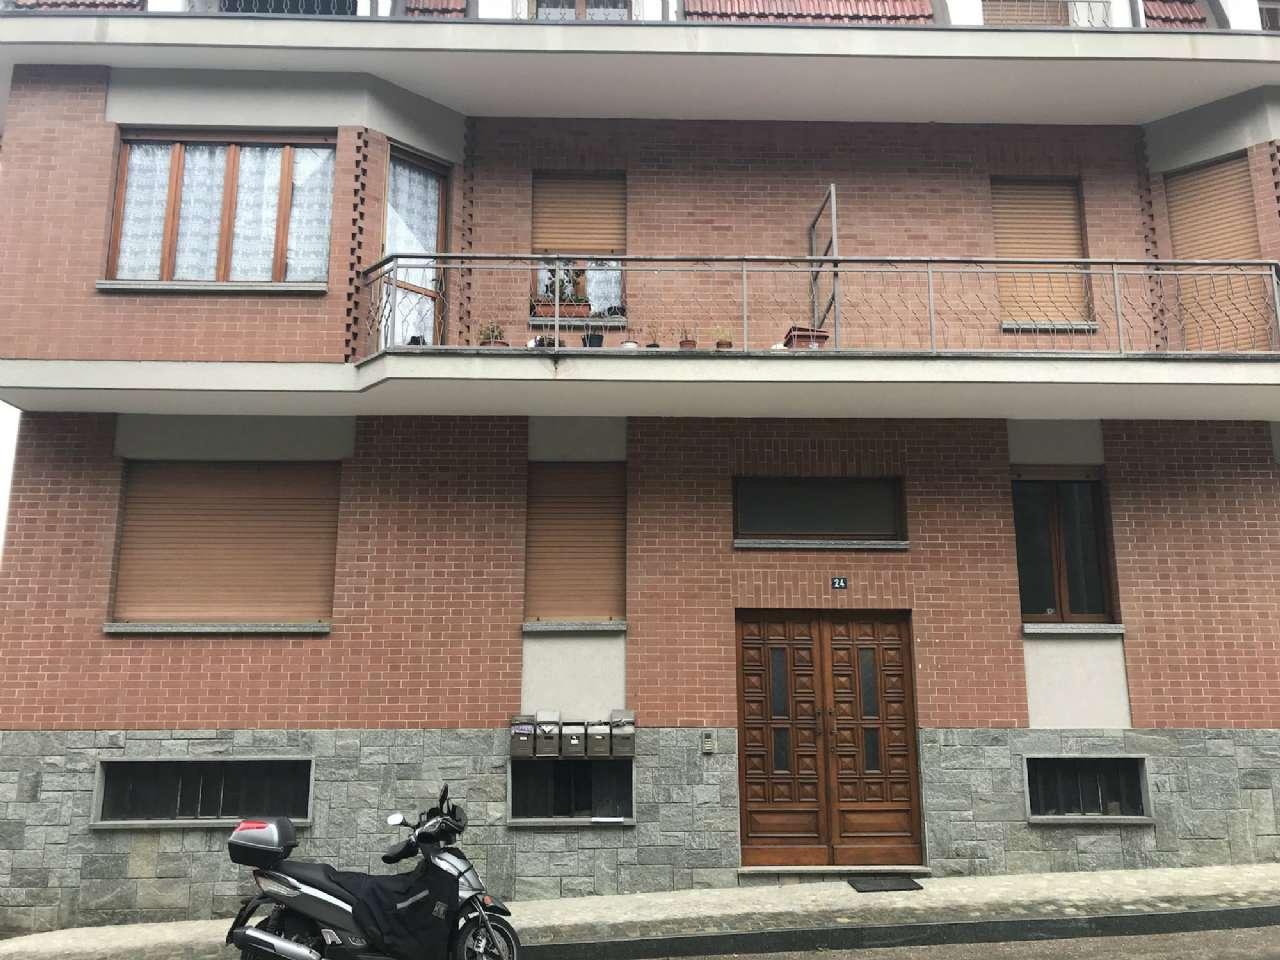 Appartamento in affitto a Moncucco Torinese, 3 locali, prezzo € 400 | PortaleAgenzieImmobiliari.it